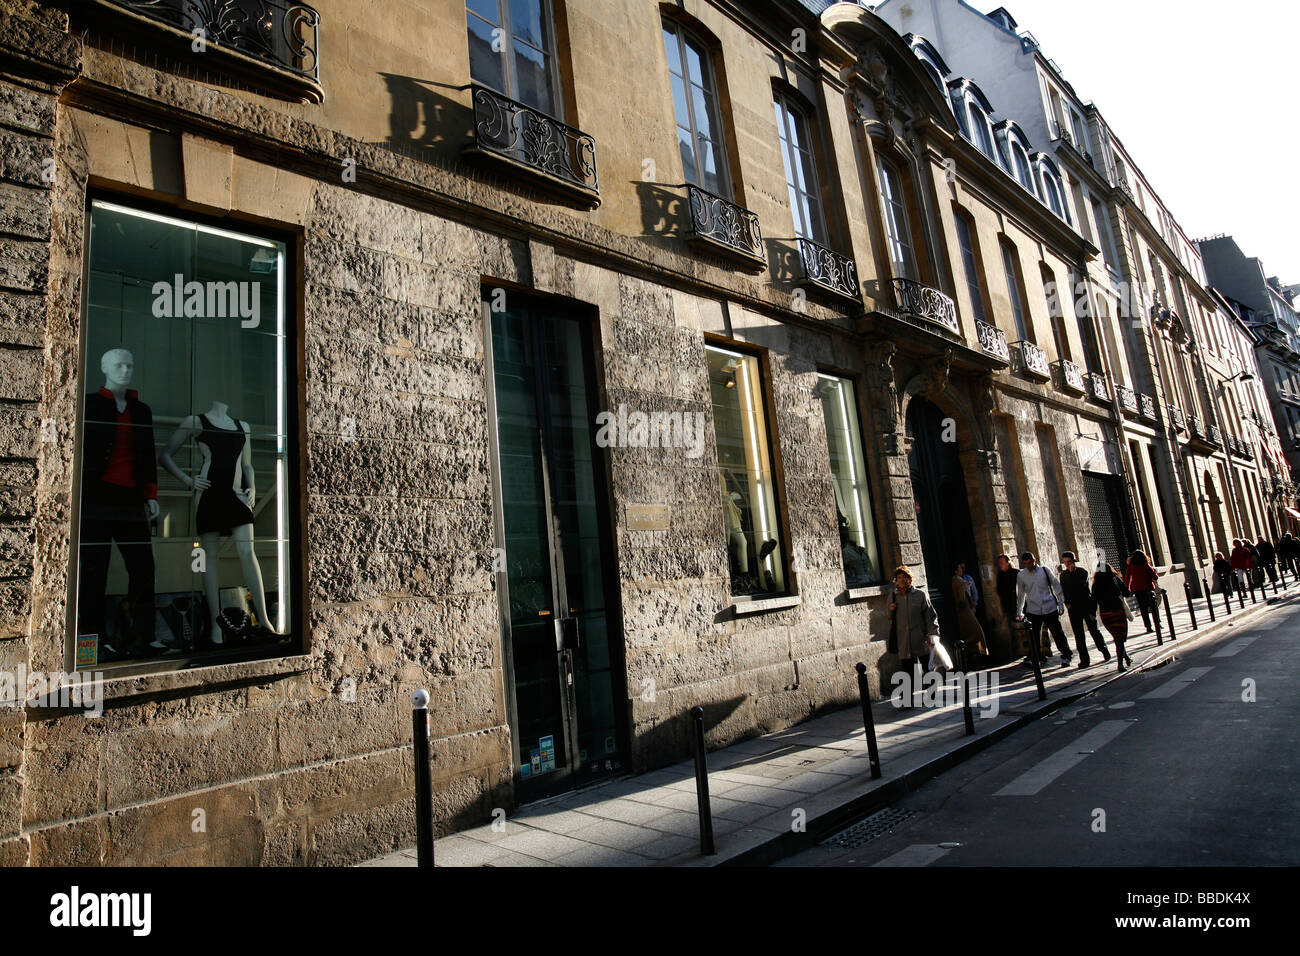 Rue Saint Andre des Arts, Paris France - Stock Image